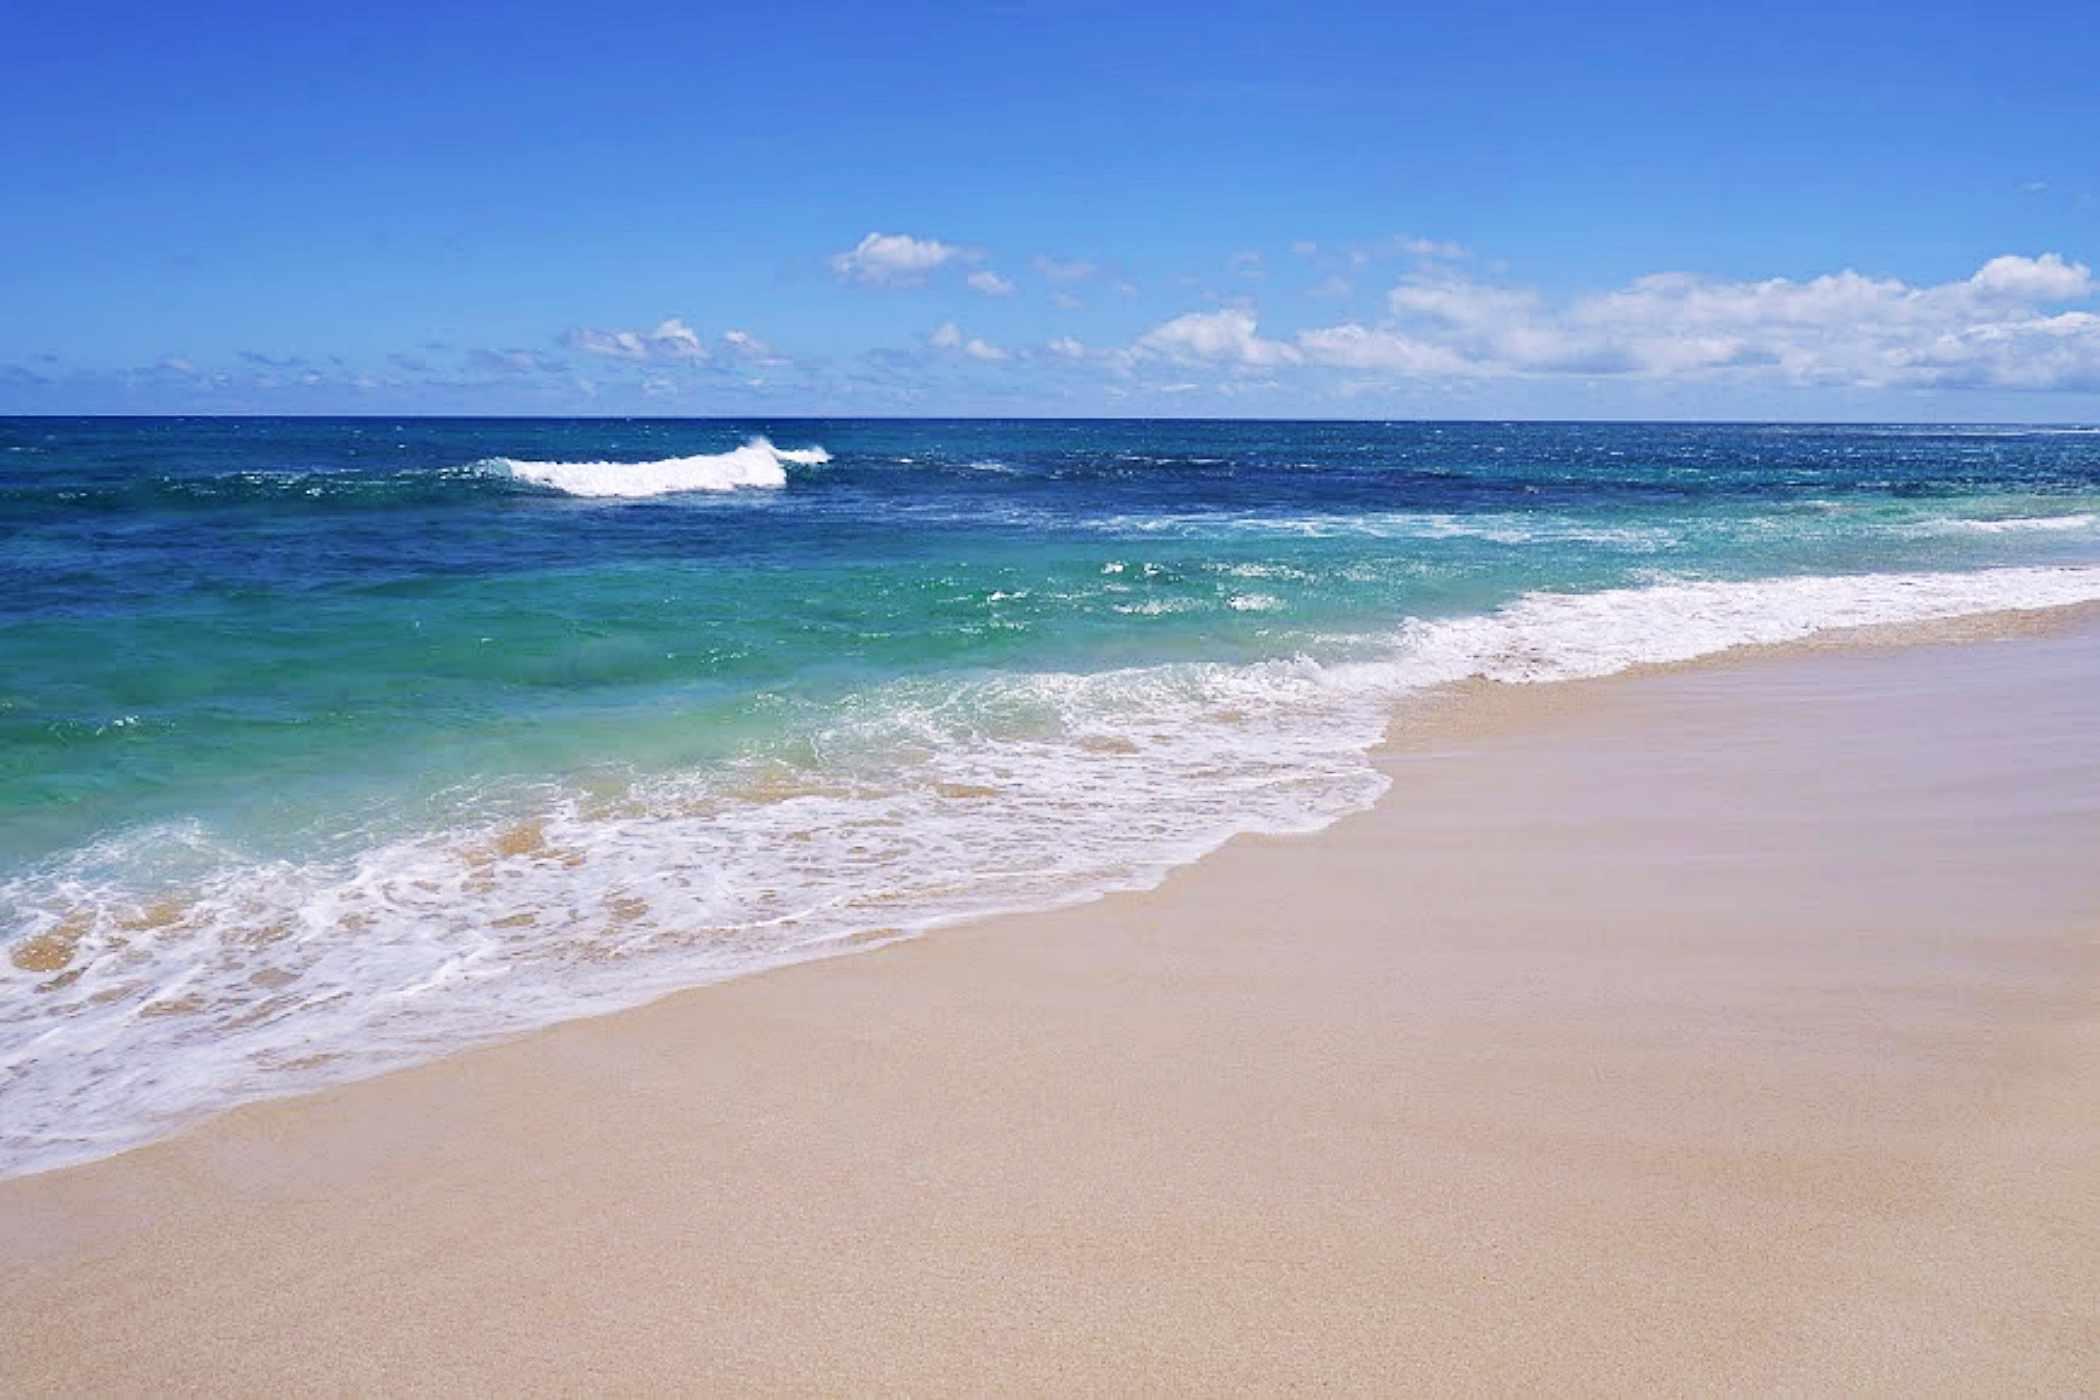 Mokule'ia Beach on Oahu